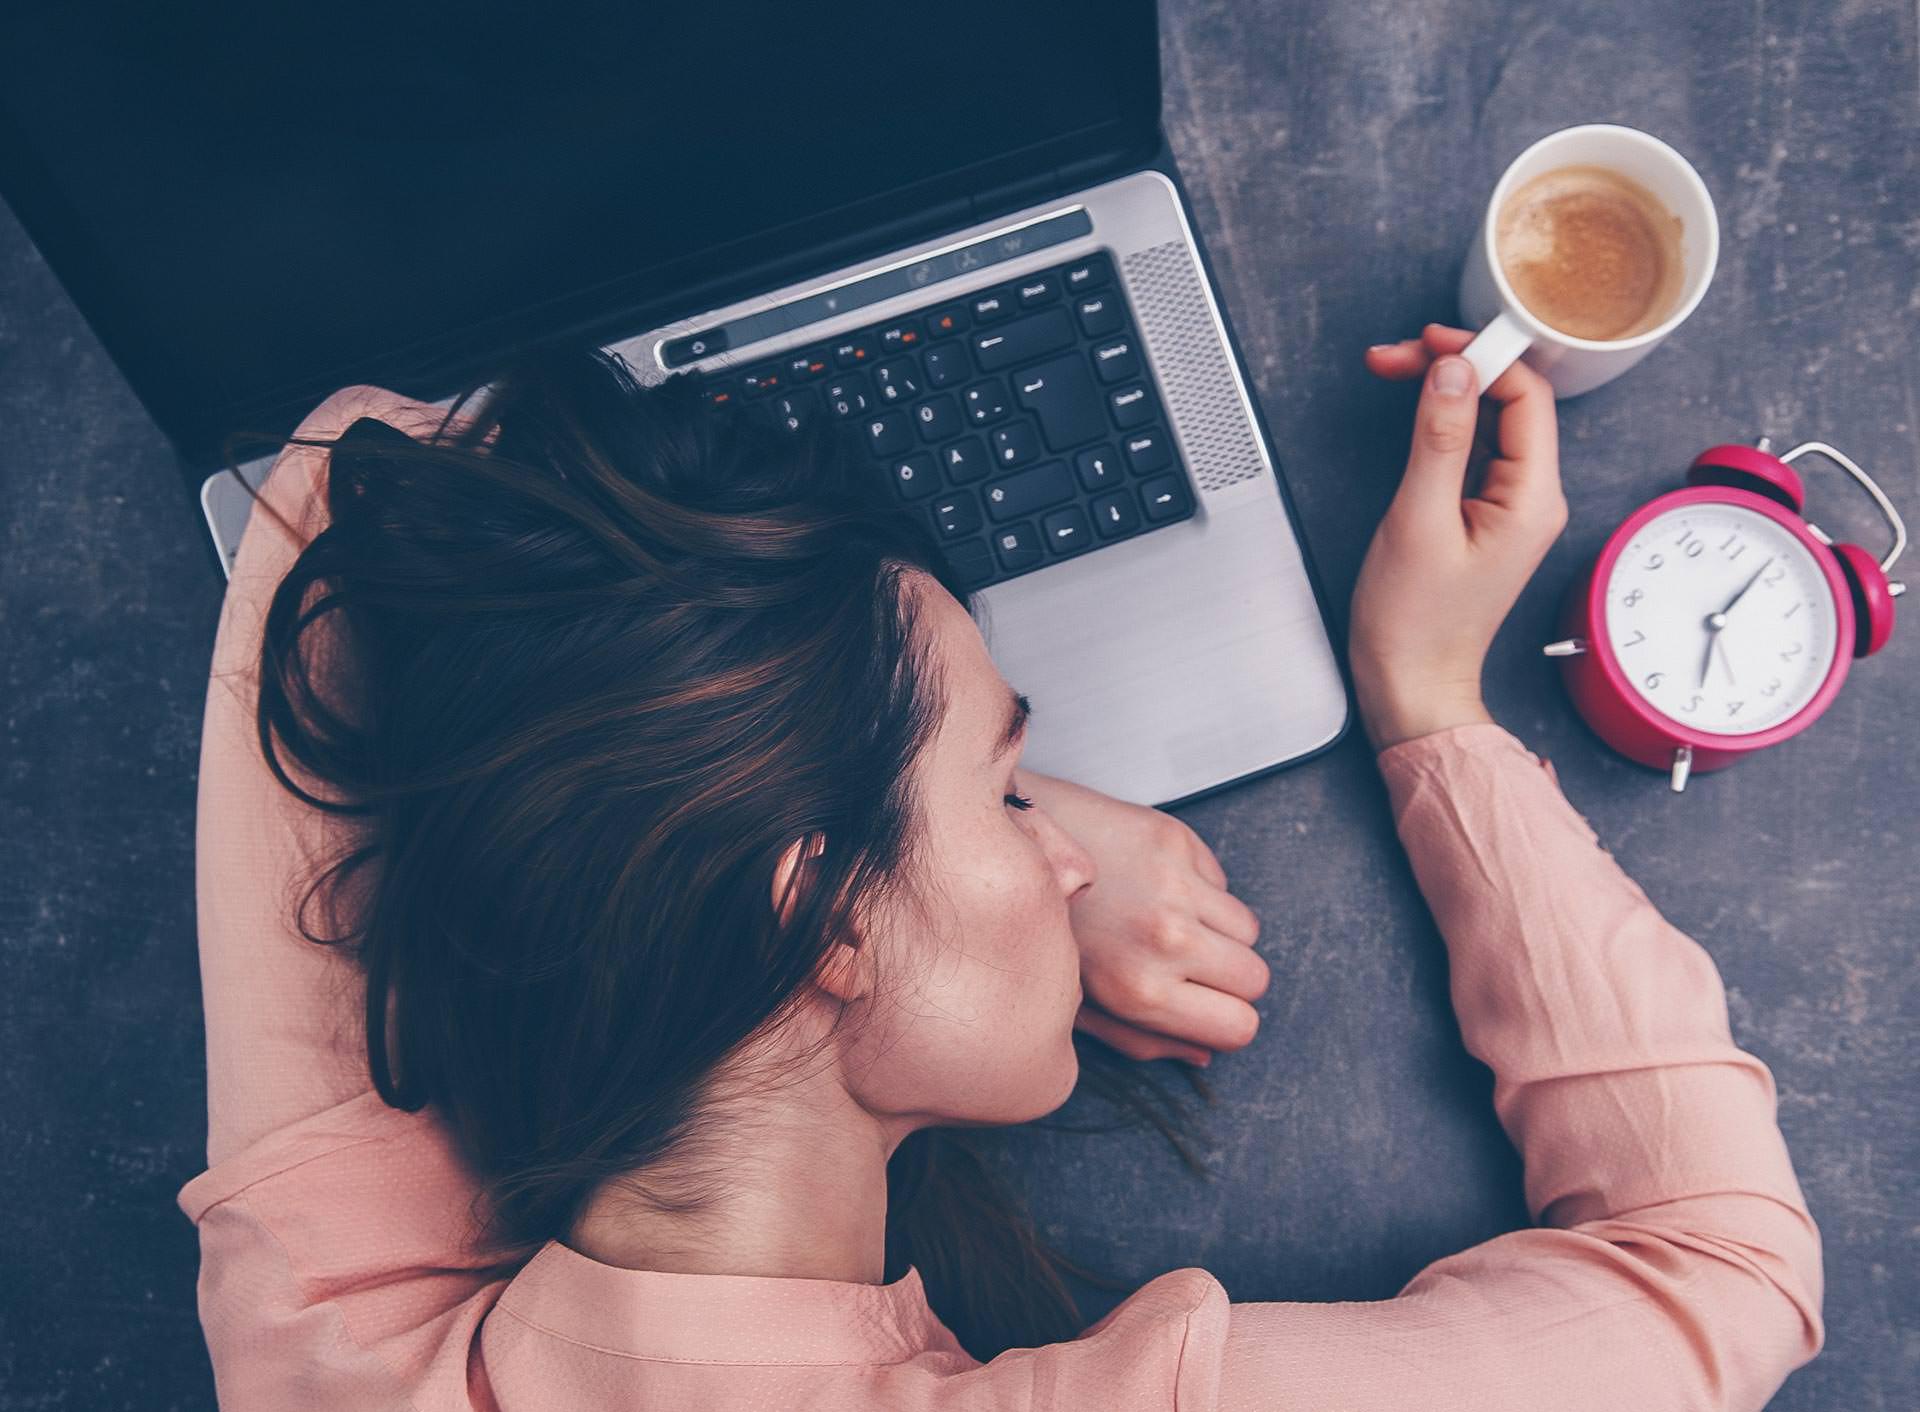 Arbeit darf nicht krank machen, Tipps für mehr Gesundheit im Job, gegen einen ungesunden Arbeitsalltag, Woman at Work, Karriere Blog, Frauenpower, Fit for Success, Style Blog, www.whoismocca.com